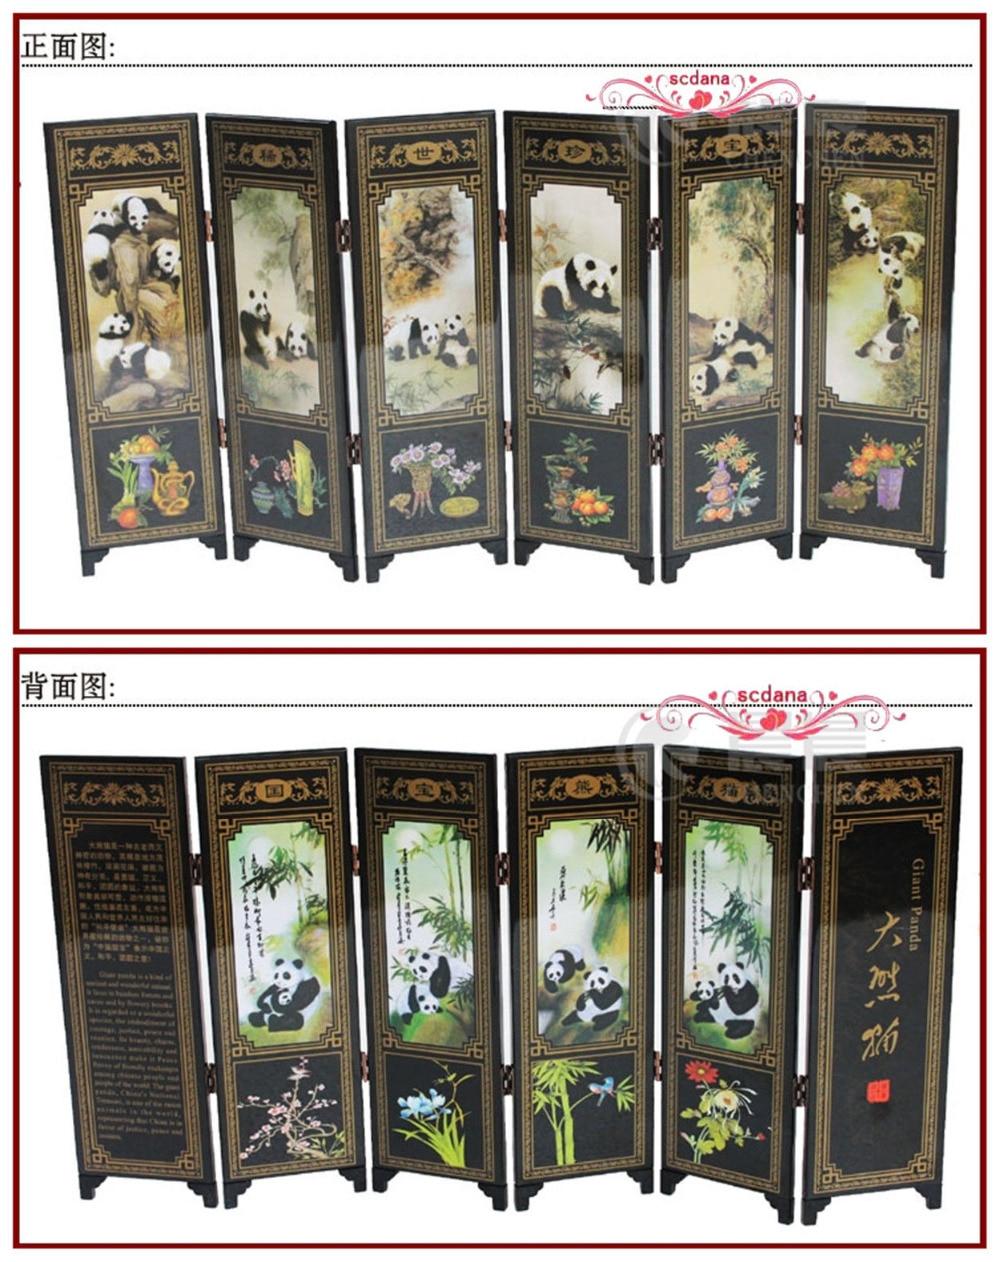 Paravento Legno Laccato.Us 27 35 24 Di Sconto 6 Pezzi Panda Paravento Cinese Tradizionale Laccato Decorazione Schermo In Pareti Divisorie E Paraventi Da Casa E Giardino Su